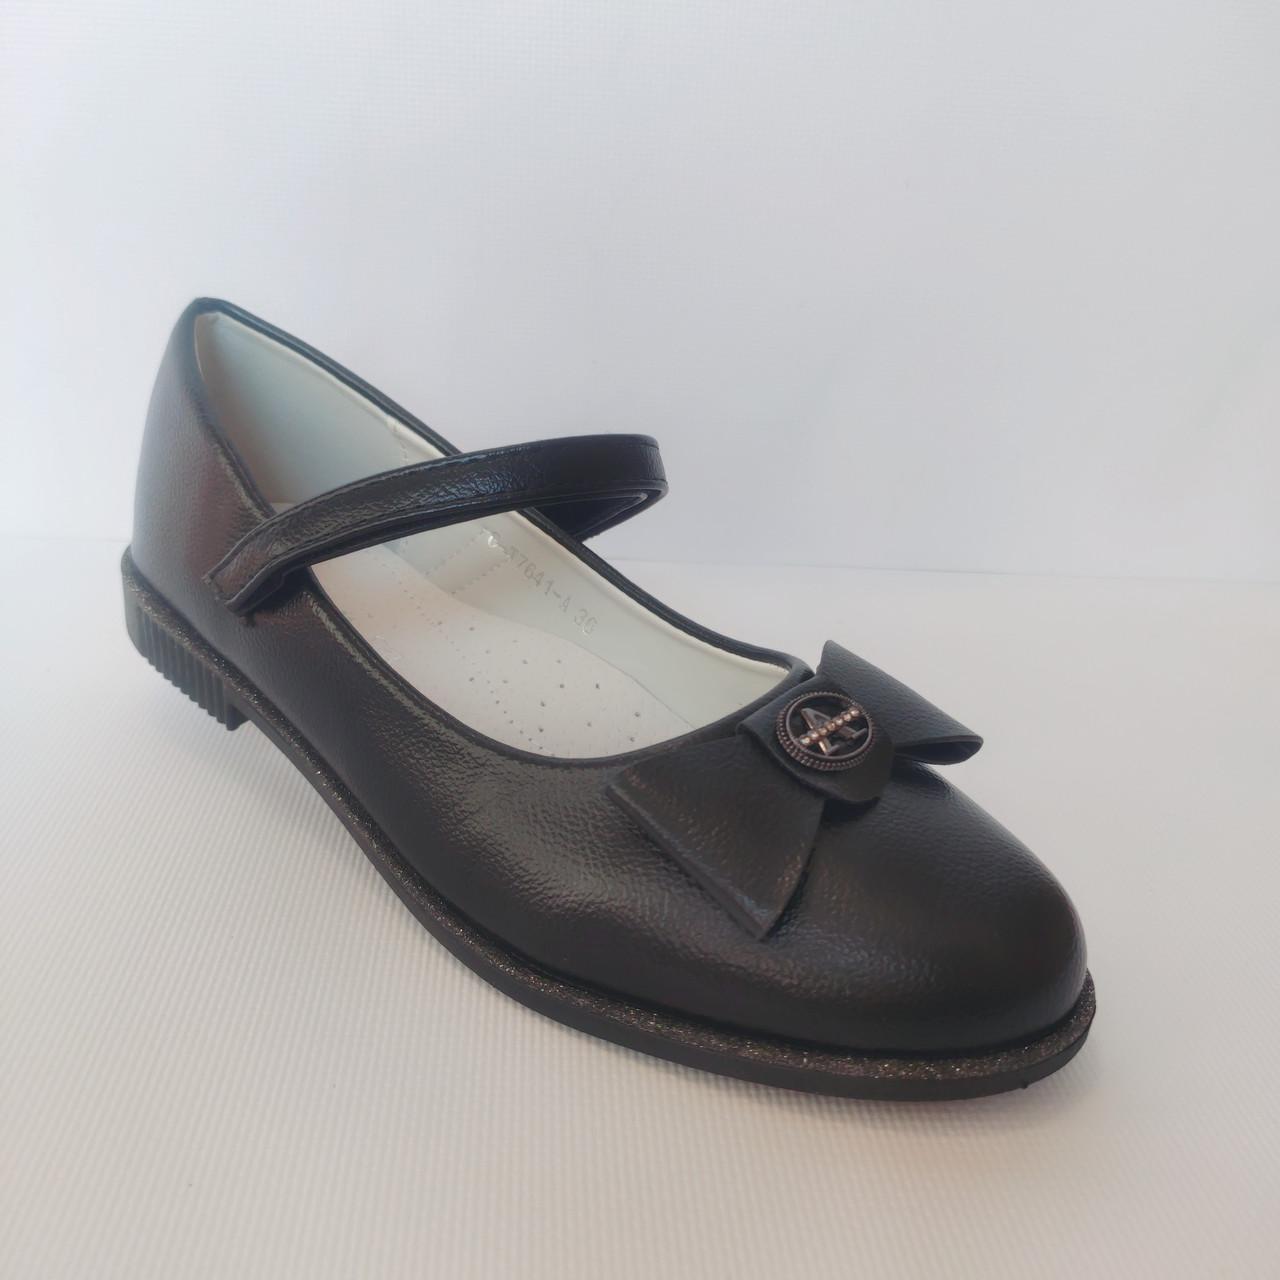 Школьные черные туфли от Том.М девочкам. Размер 32, 33, 34, 35, 36, 37